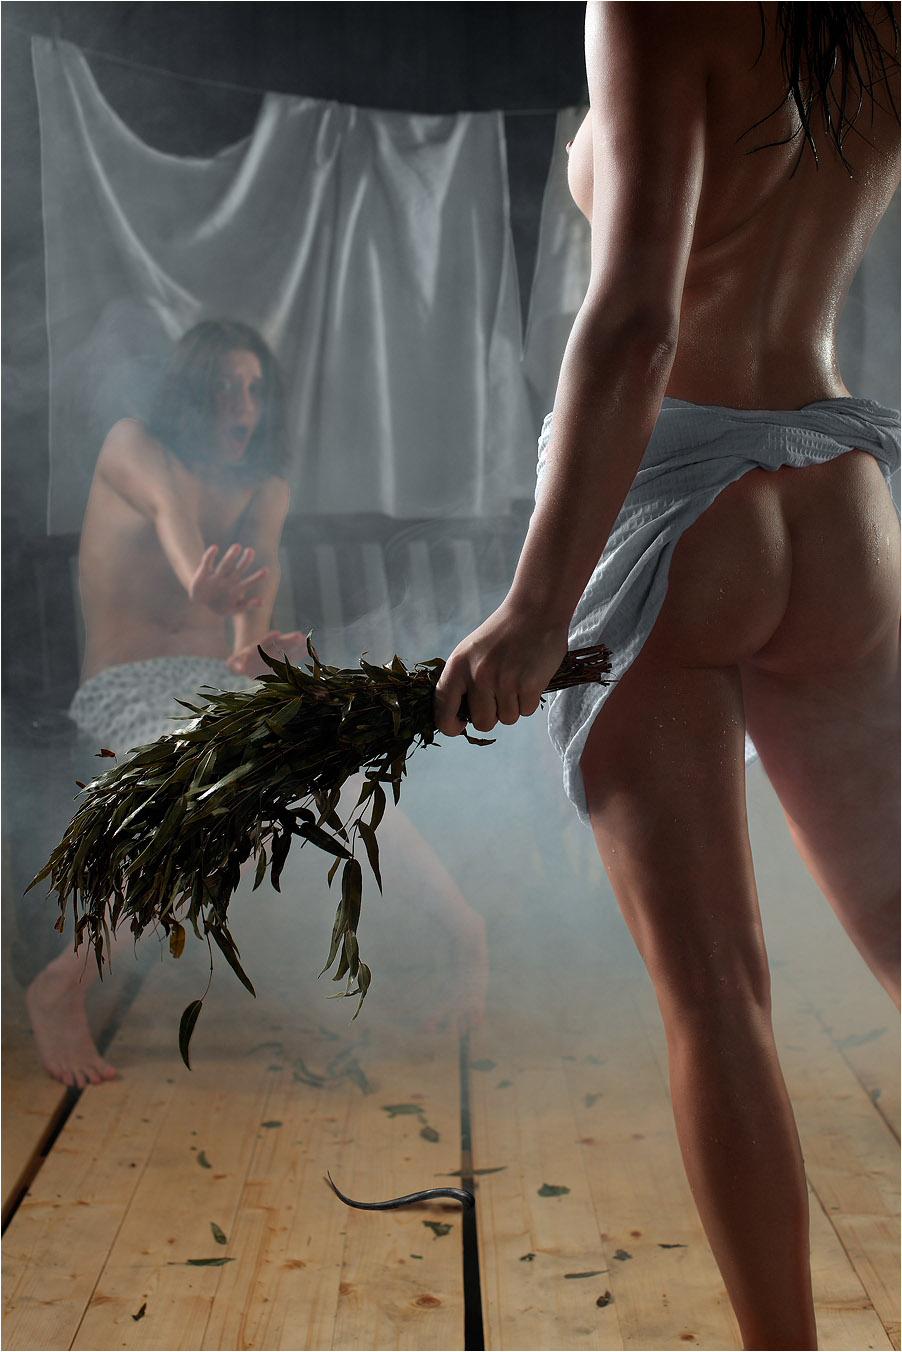 Bdsm,баня,эротика,красивые фото обнаженных, совсем голых девушек